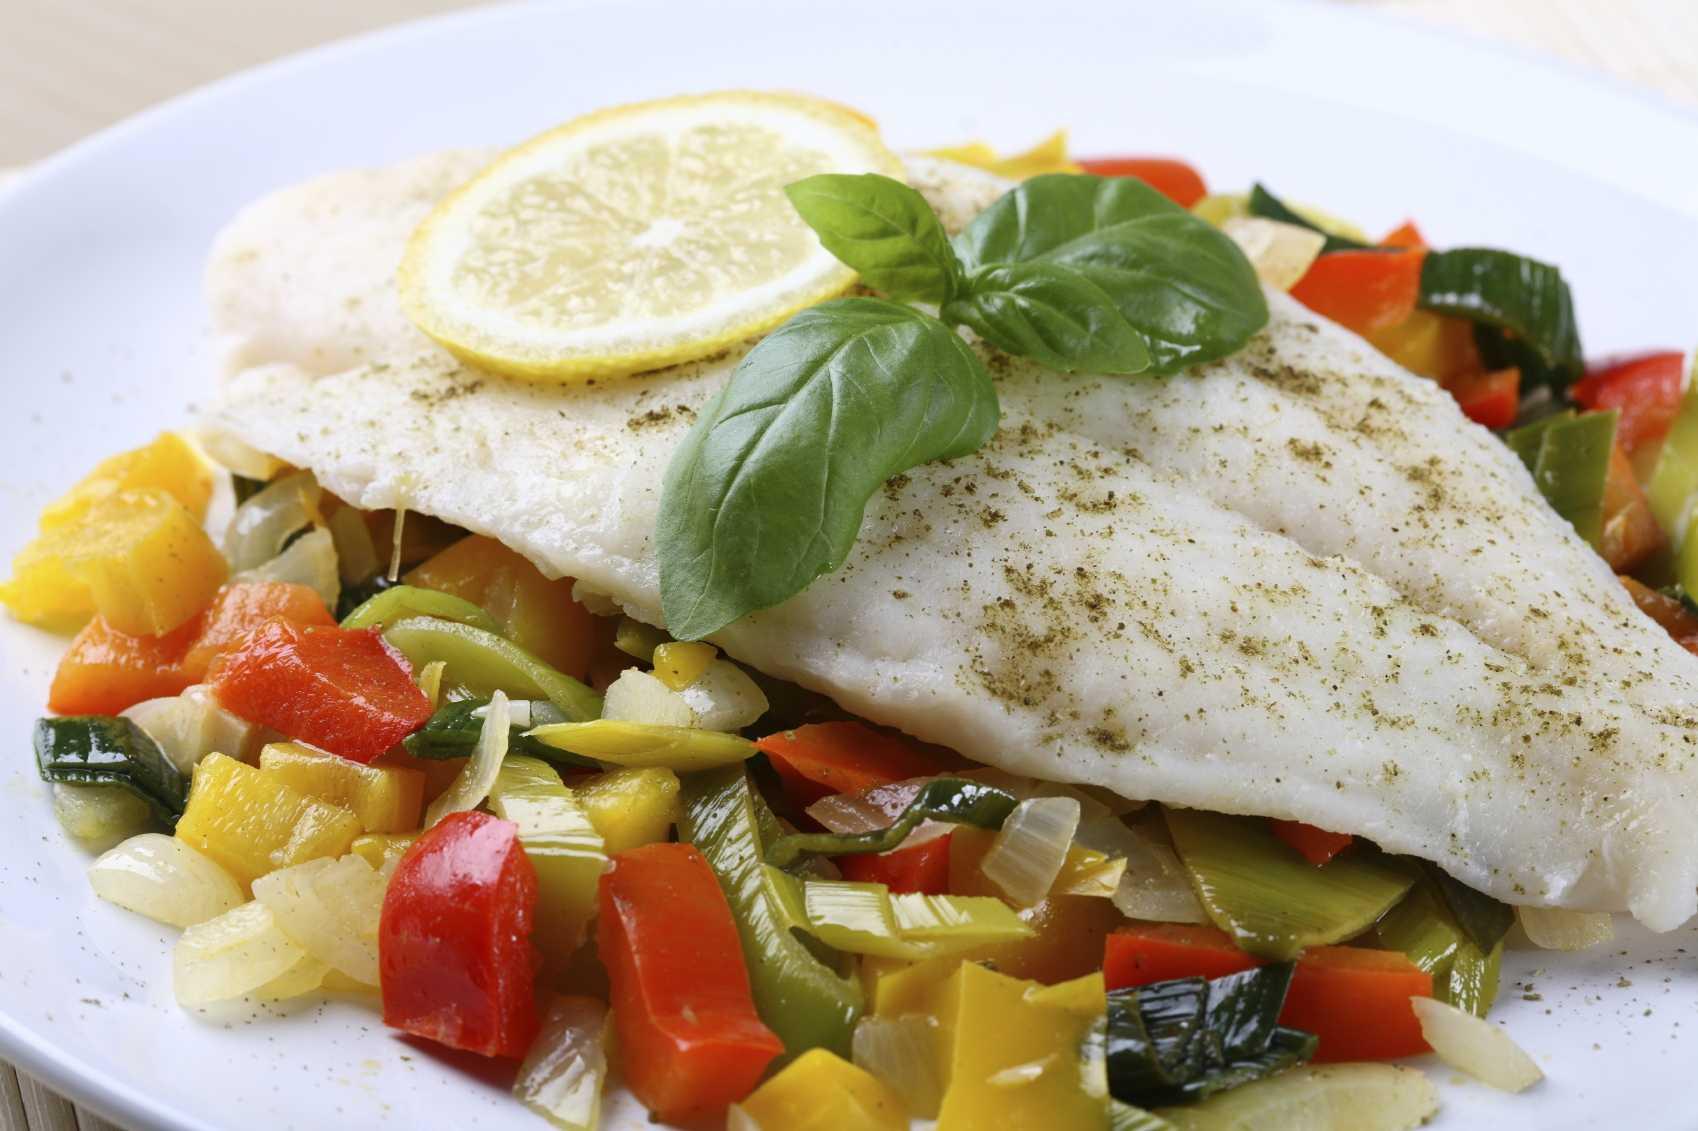 10 پروتئین بدون چربی که بدن شما به آن نیاز دارد!